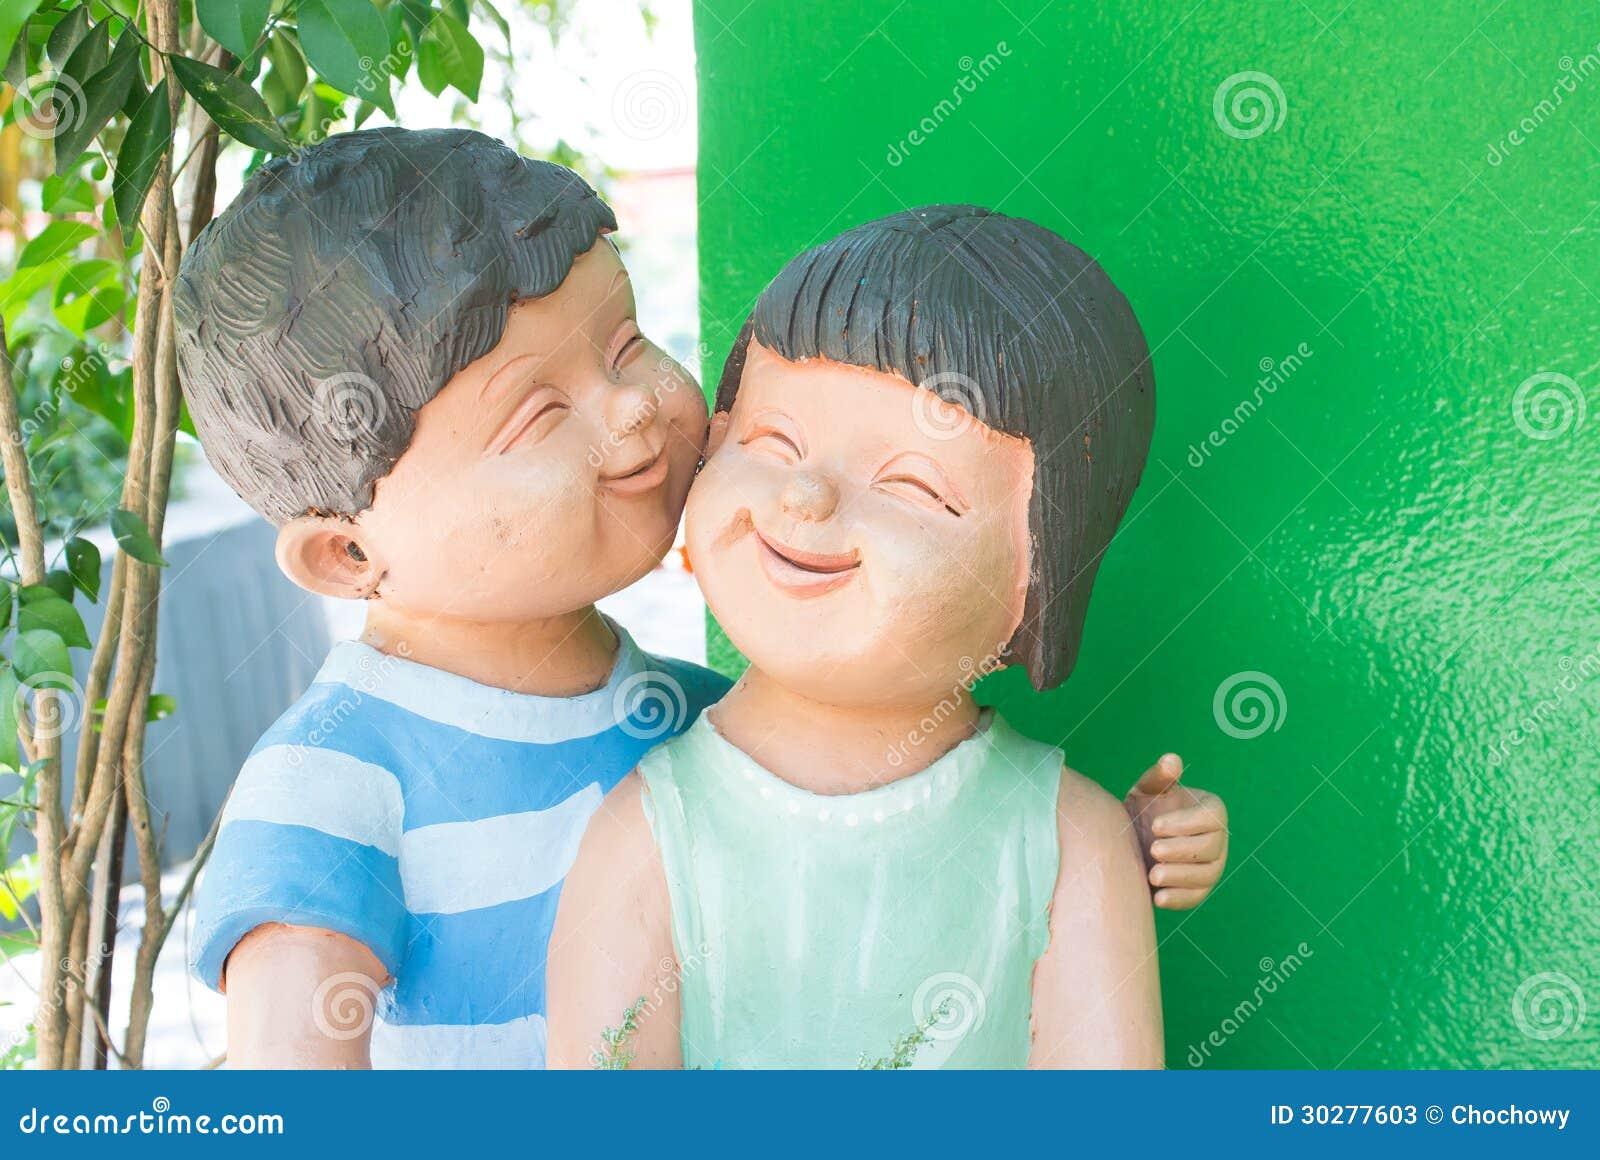 微笑的面孔儿童恋人雕塑